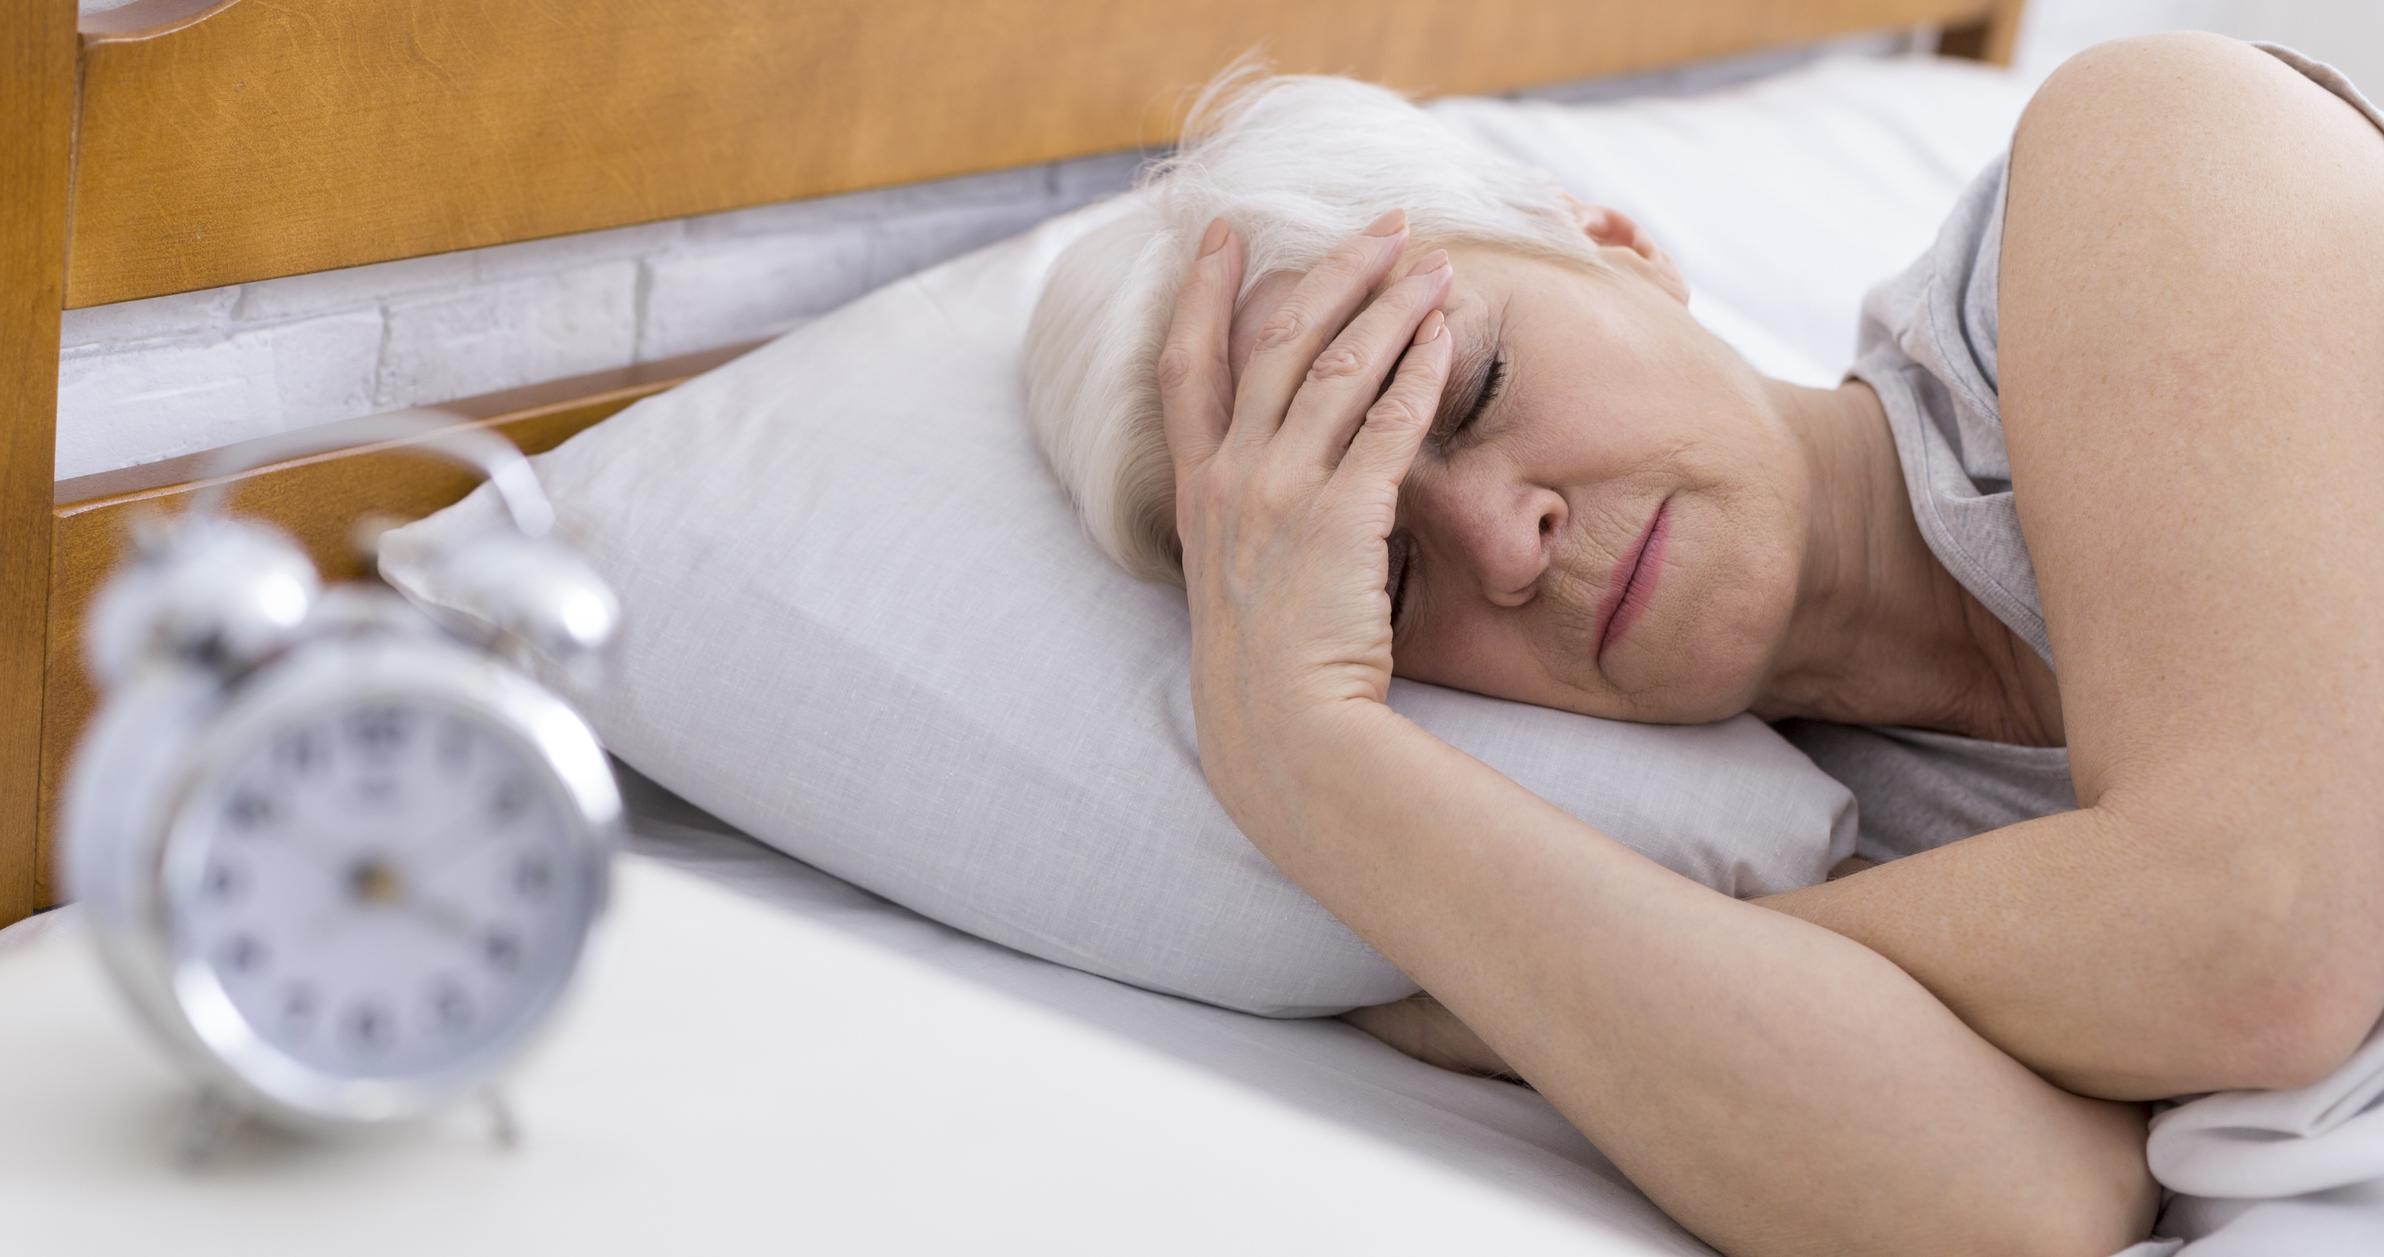 O sono mais curto no estágio do sonho pode estar relacionado à morte anterior 2